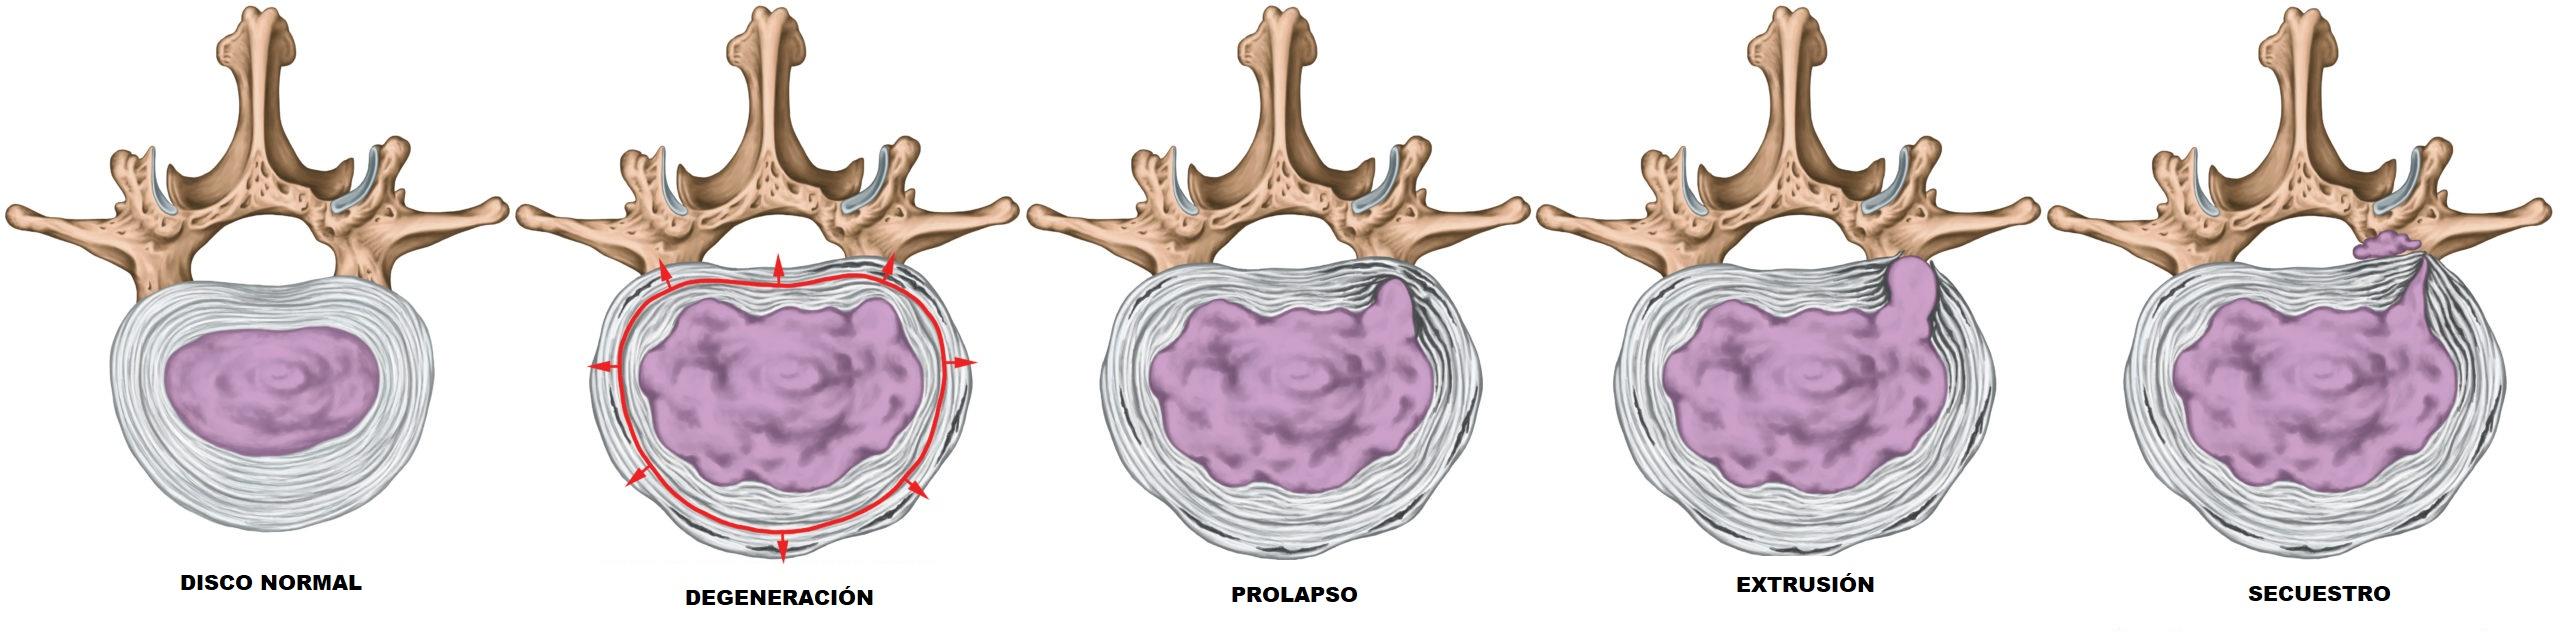 fases de degeneracion de la hernia discal